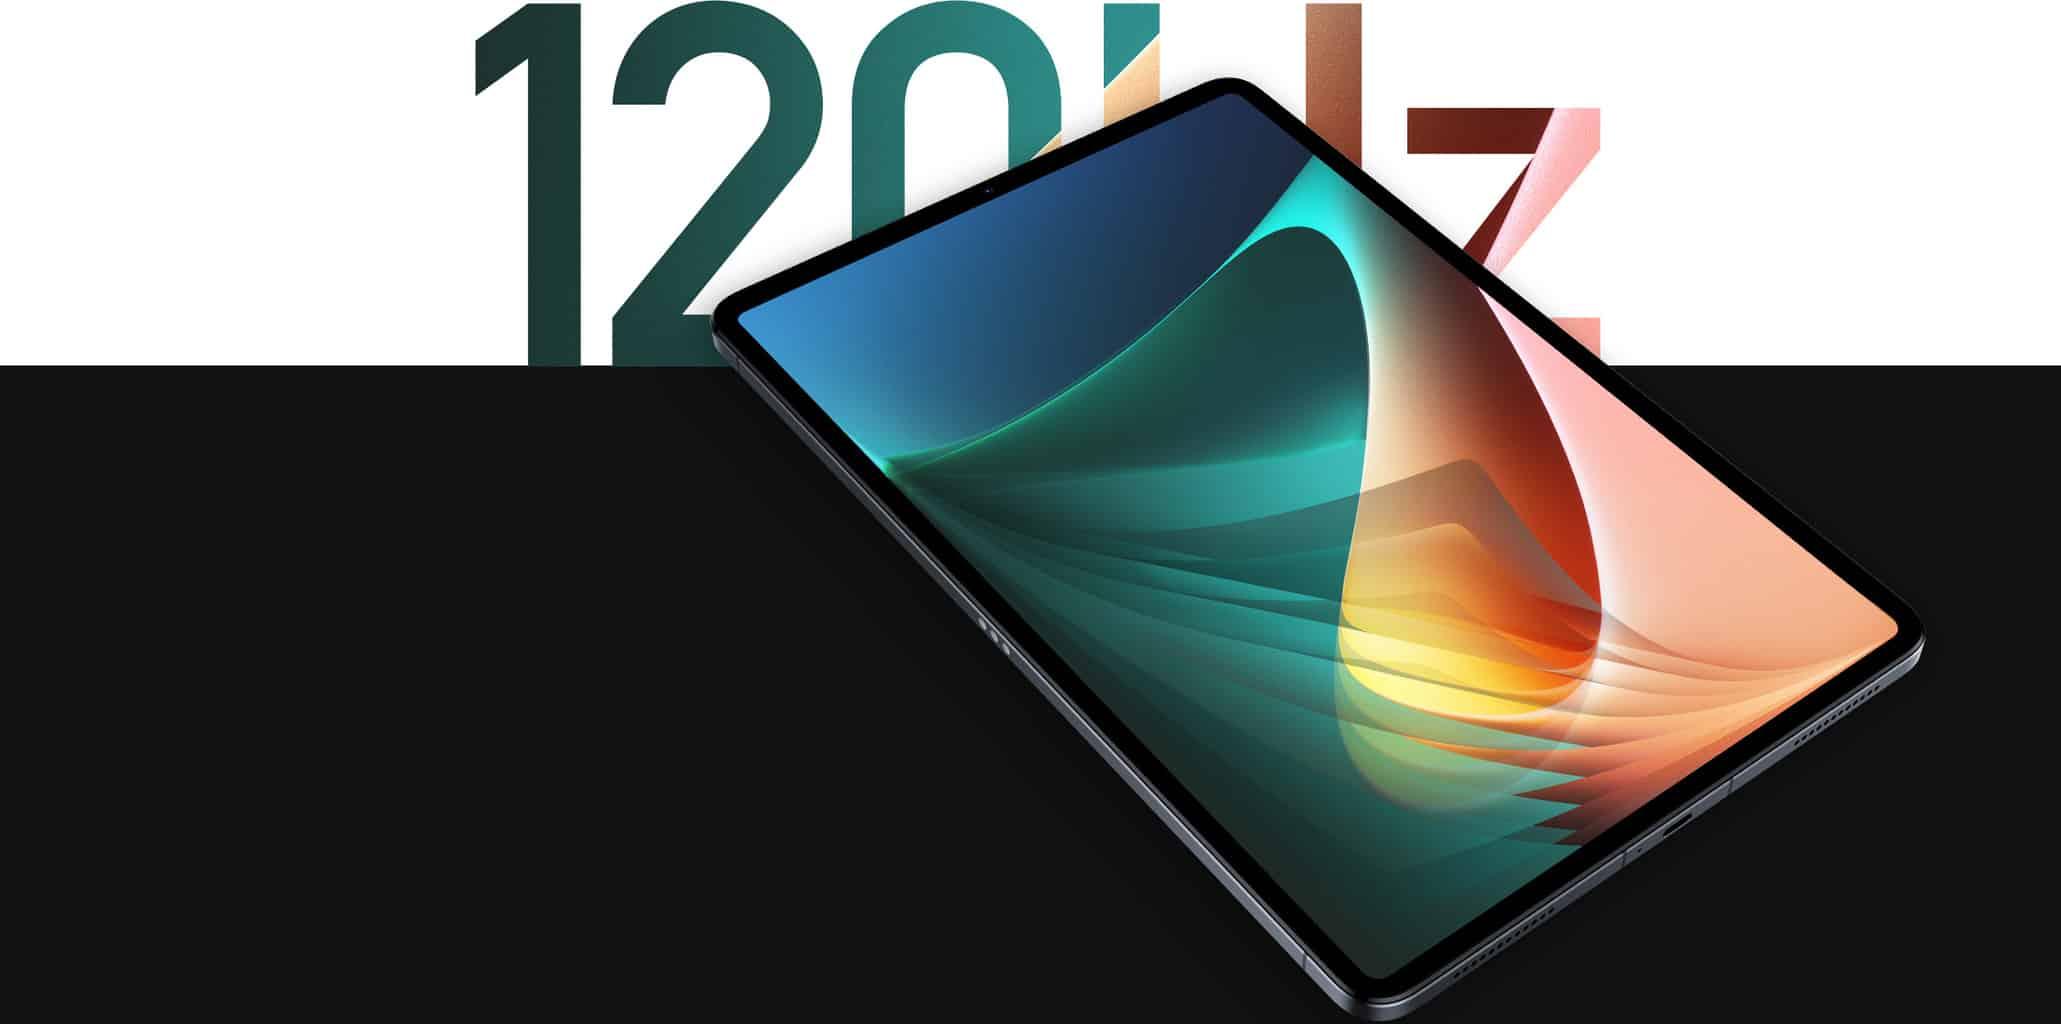 Tablični računalnik Xiaomi Pad 5 s120HZ zaslonom